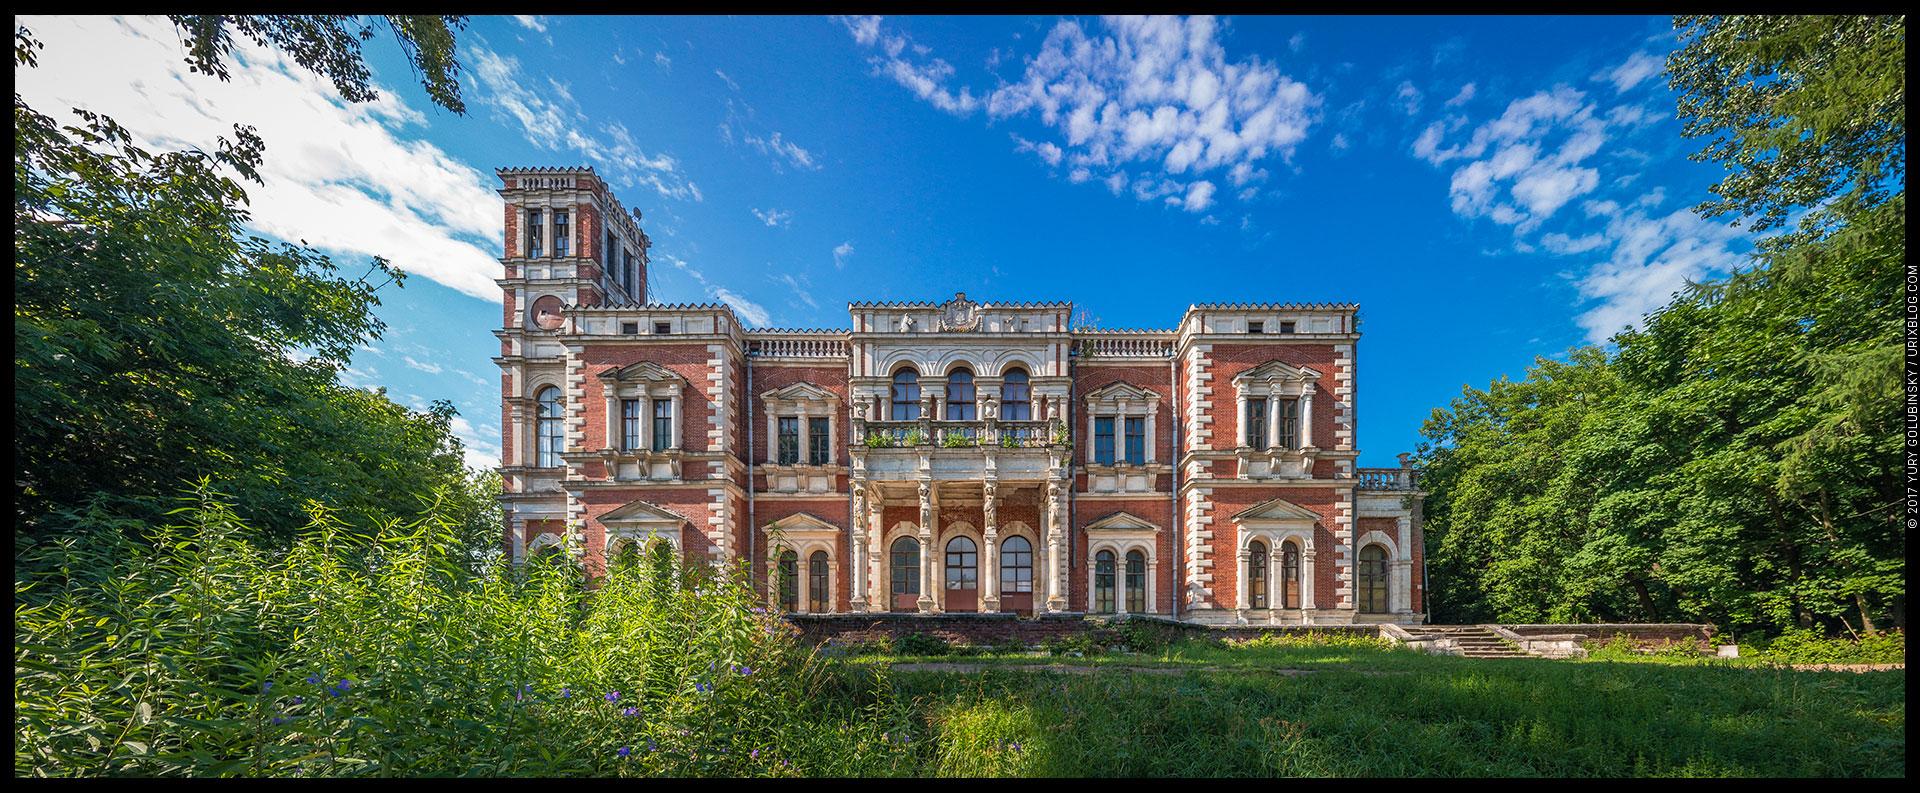 Усадьба Быково, Россия